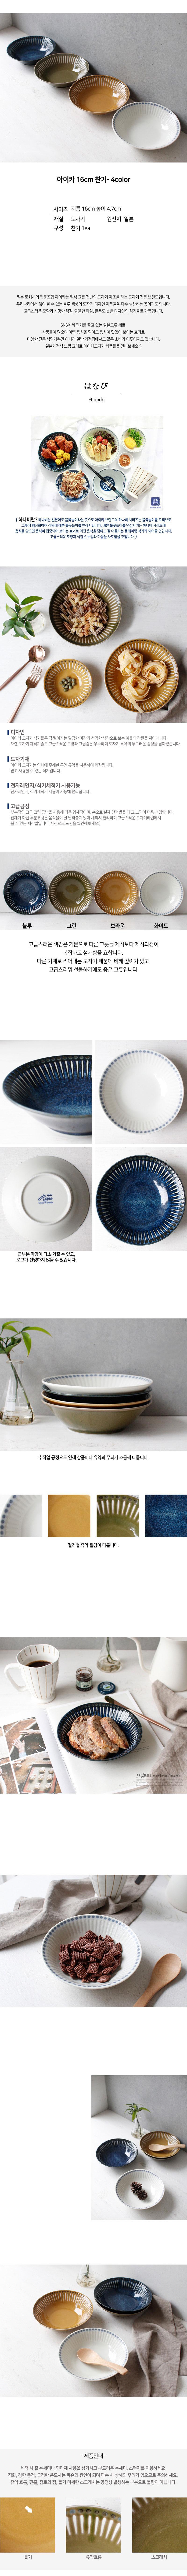 아이카 16cm 찬기- 4color -1p - 안나하우스, 4,800원, 접시/찬기, 찬기